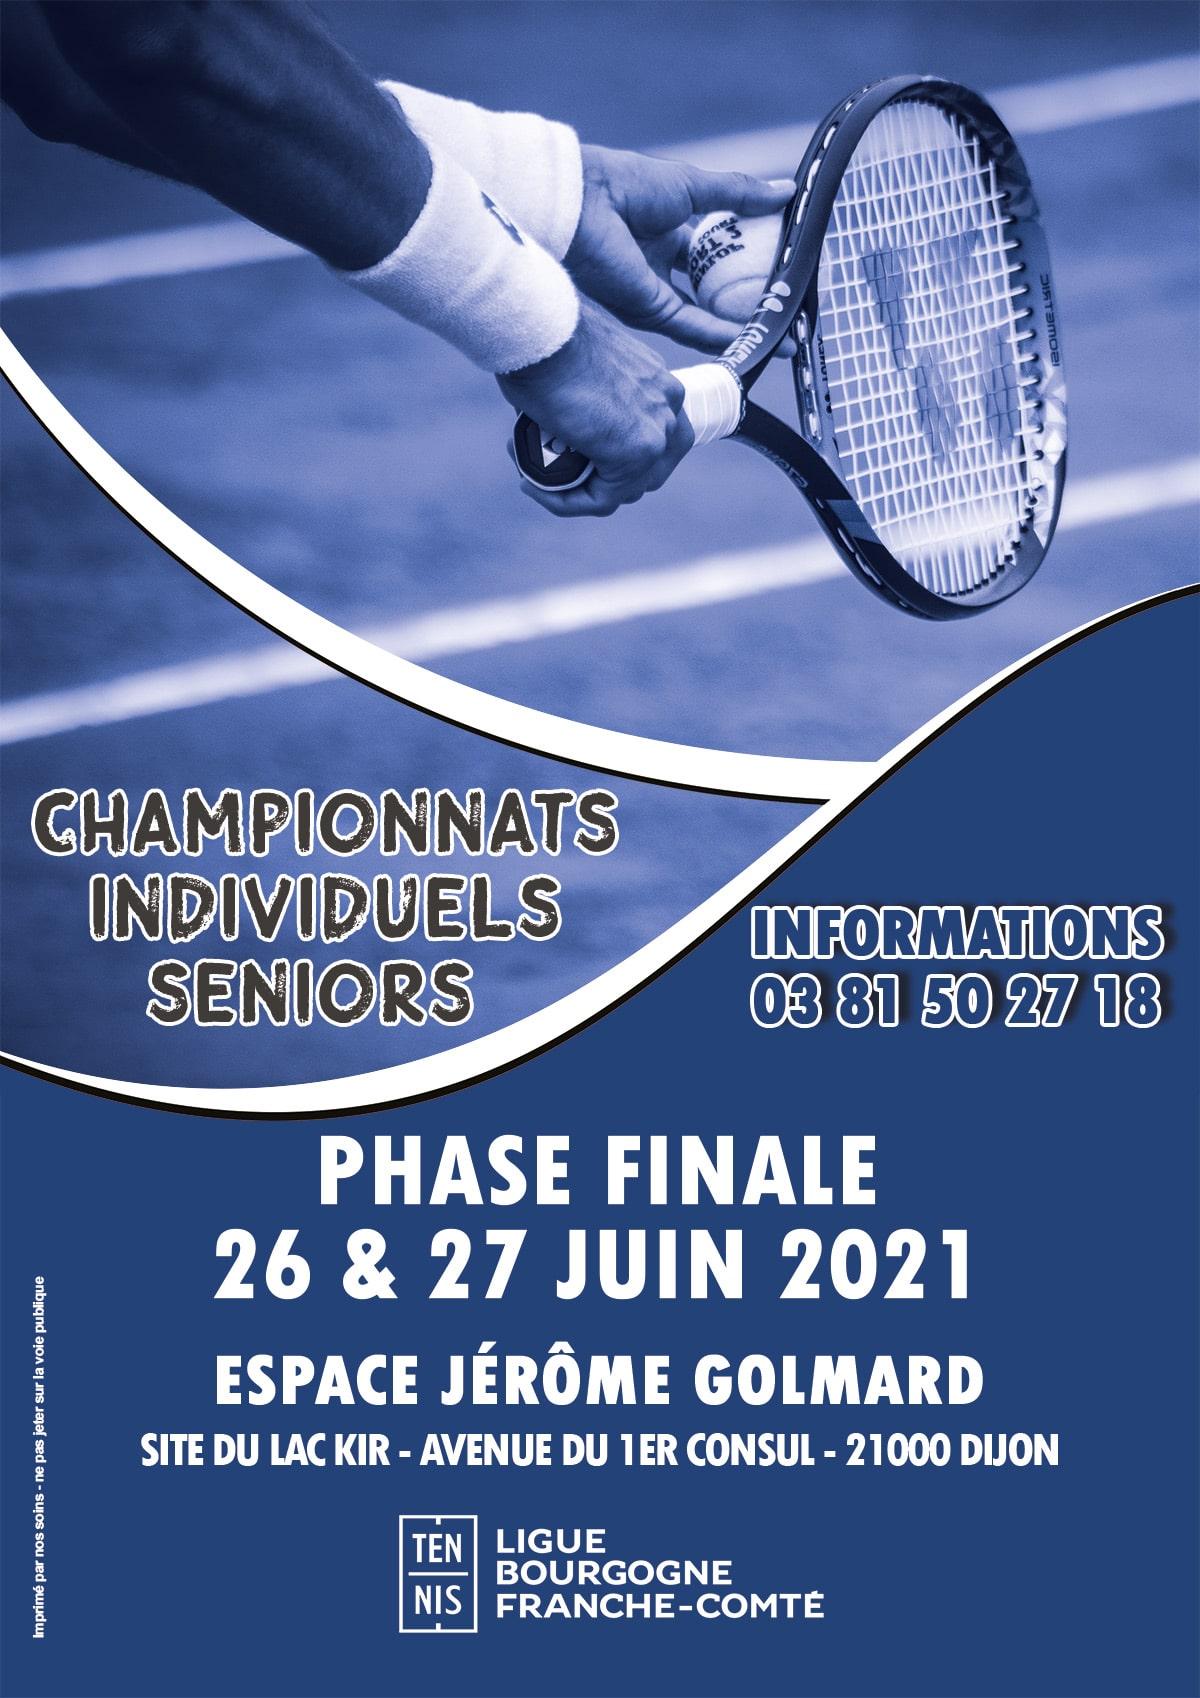 Individuels Régionaux Seniors 2021 : Ligue Bourgogne-Franche-Comté de Tennis